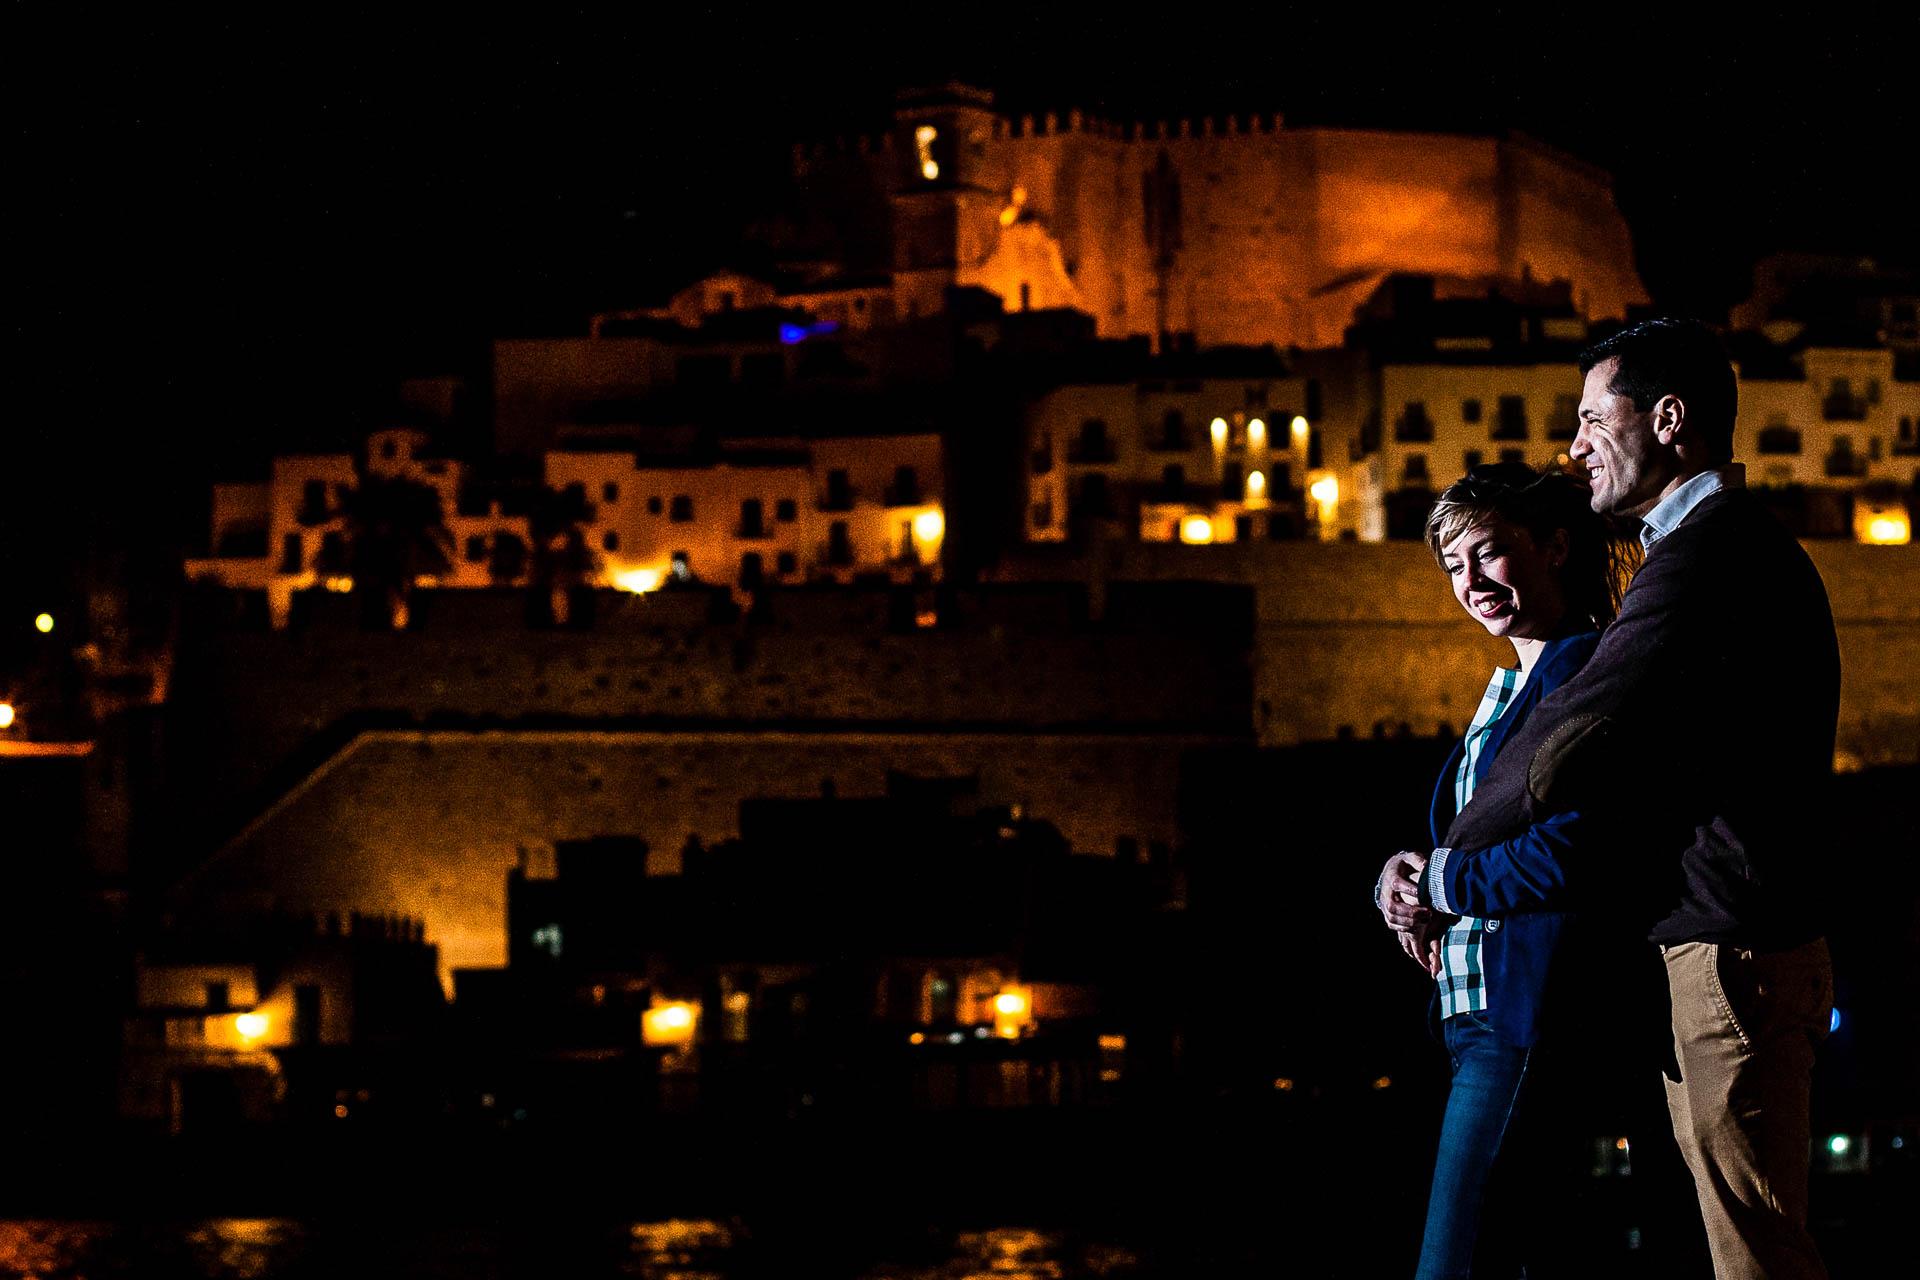 Preboda Peñiscola Sesion de Pareja Castillo Noche